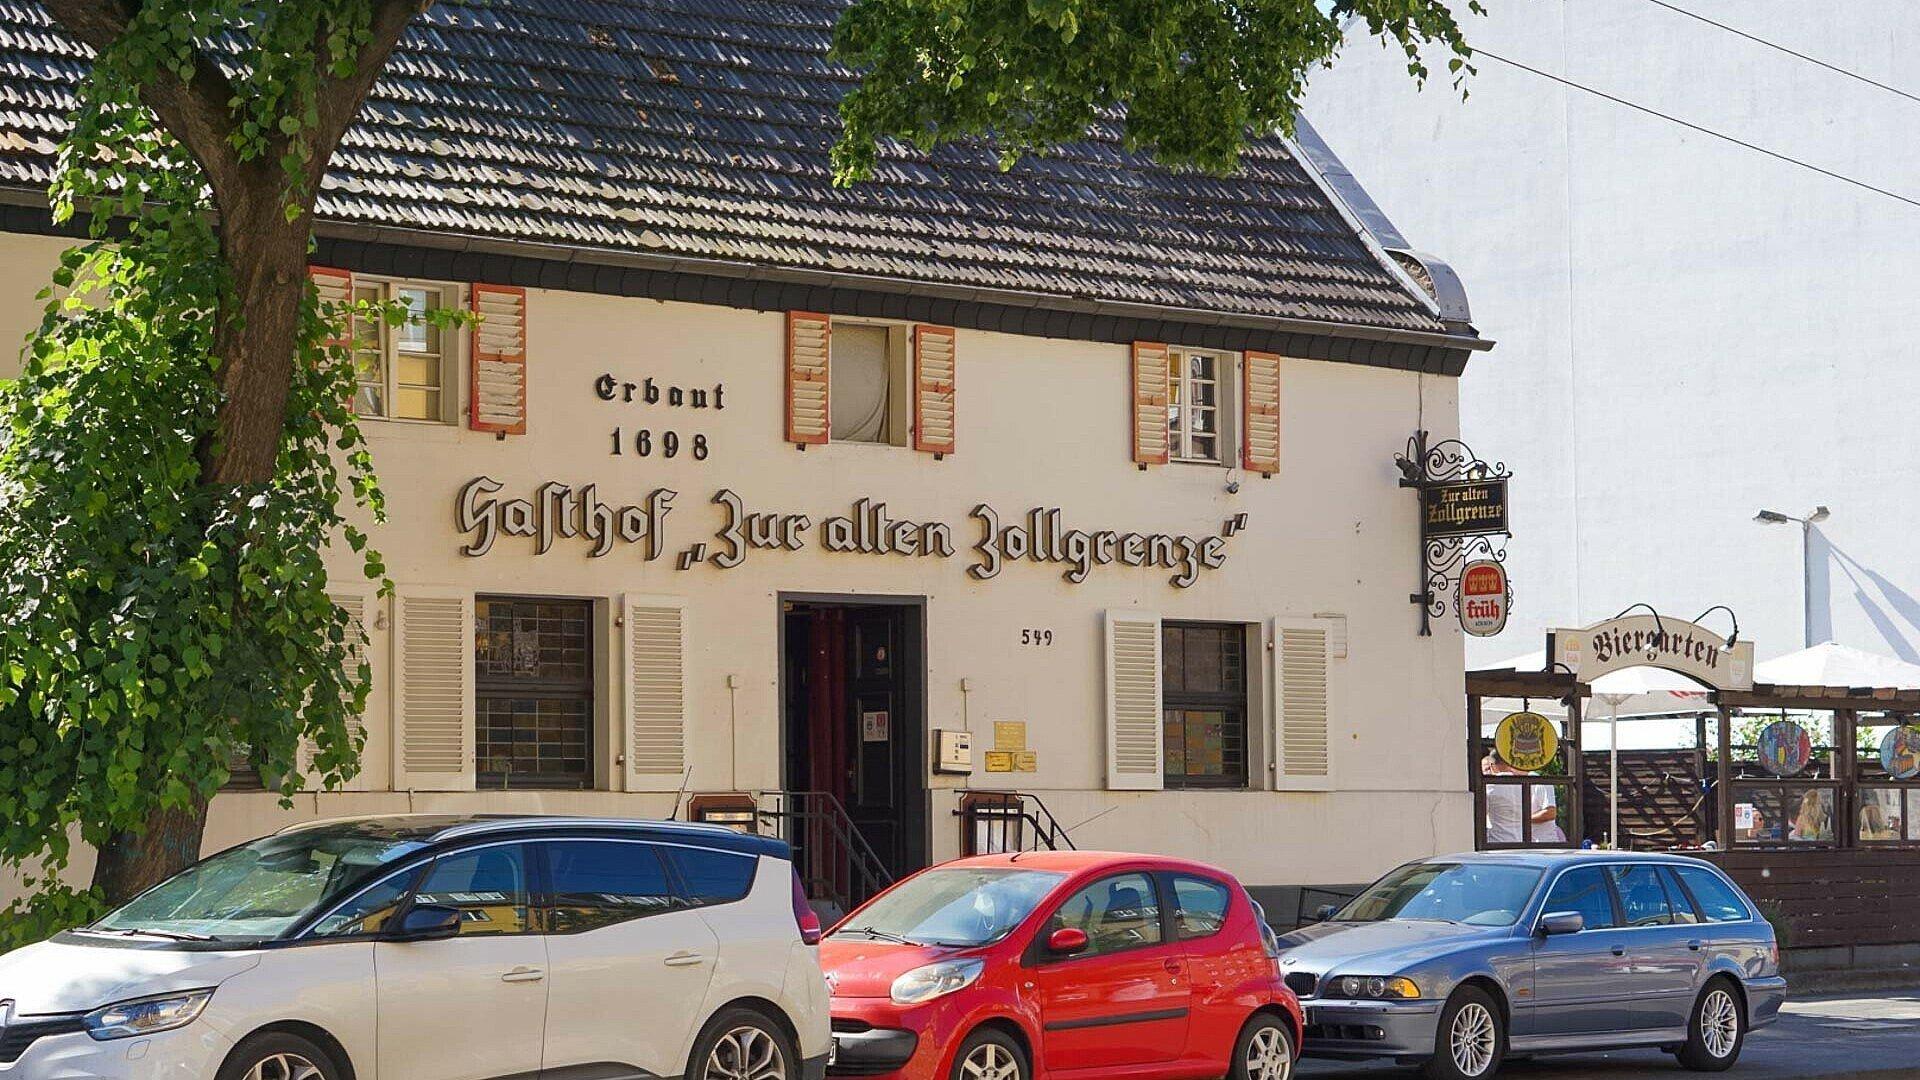 Historischer Gasthof Zur alten Zollgrenze in Weidenpesch